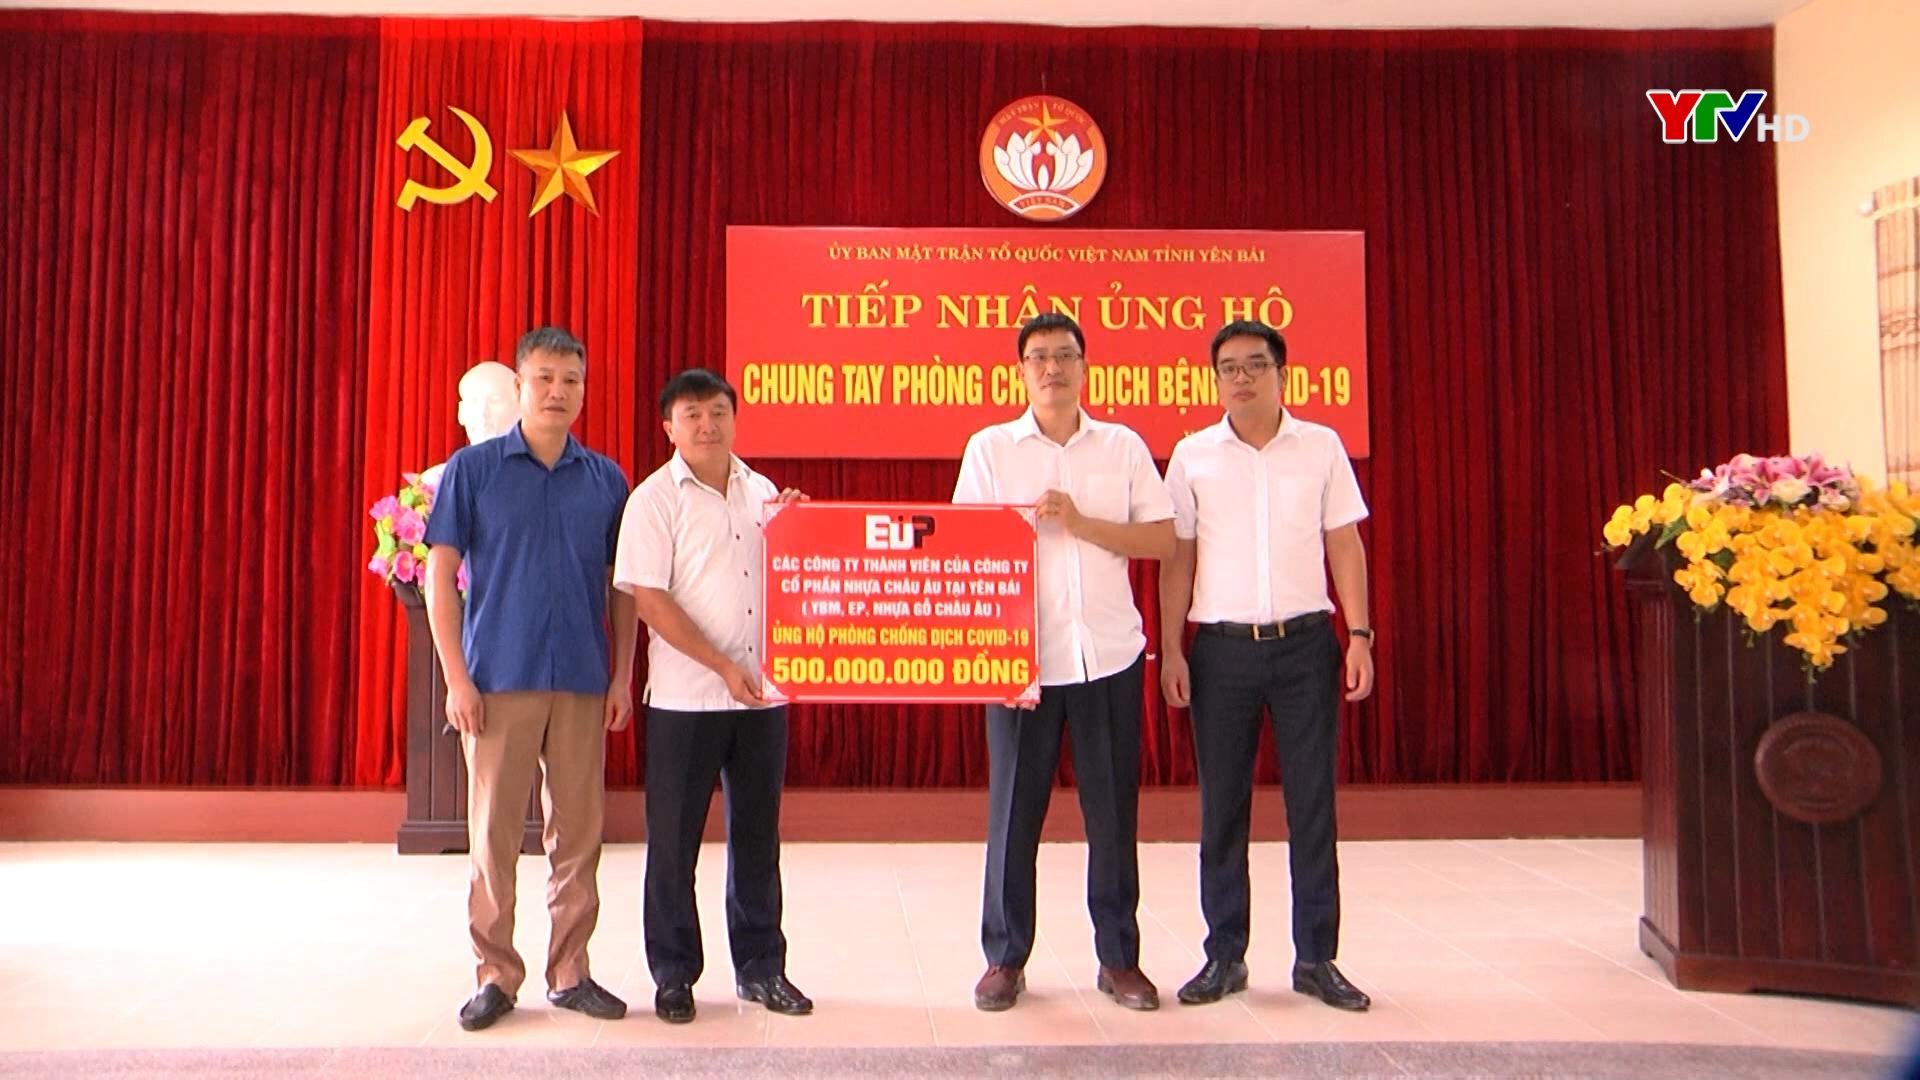 Ủy ban MTTQ tỉnh tiếp nhận 550 triệu đồng ủng hộ công tác phòng, chống COVID - 19